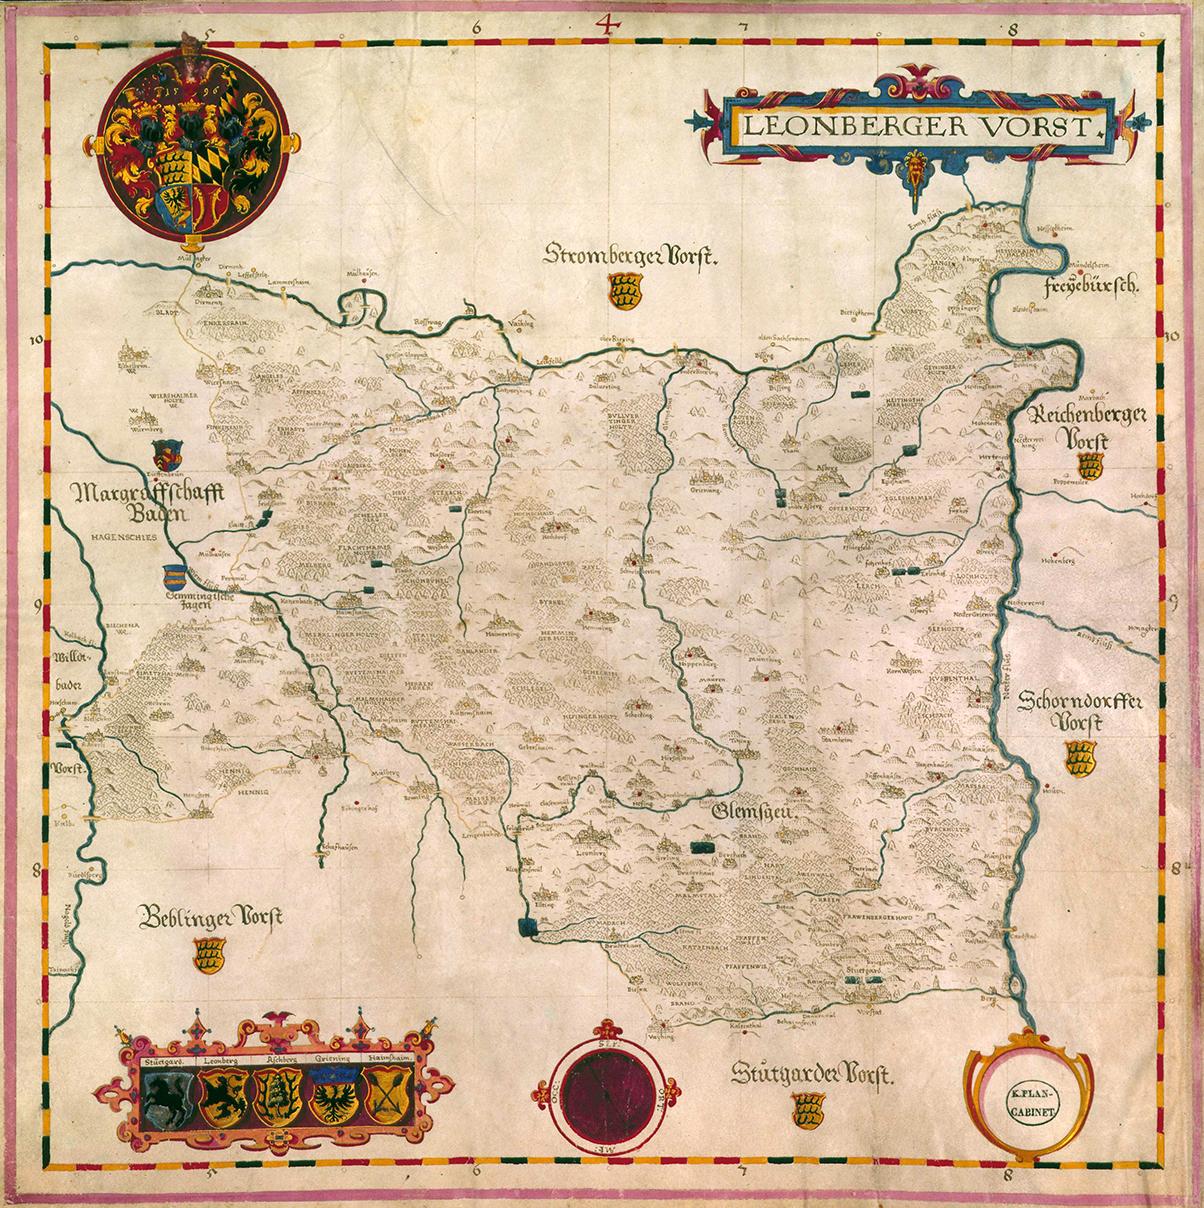 Gadnersche Forstkarte Leonberg 1590